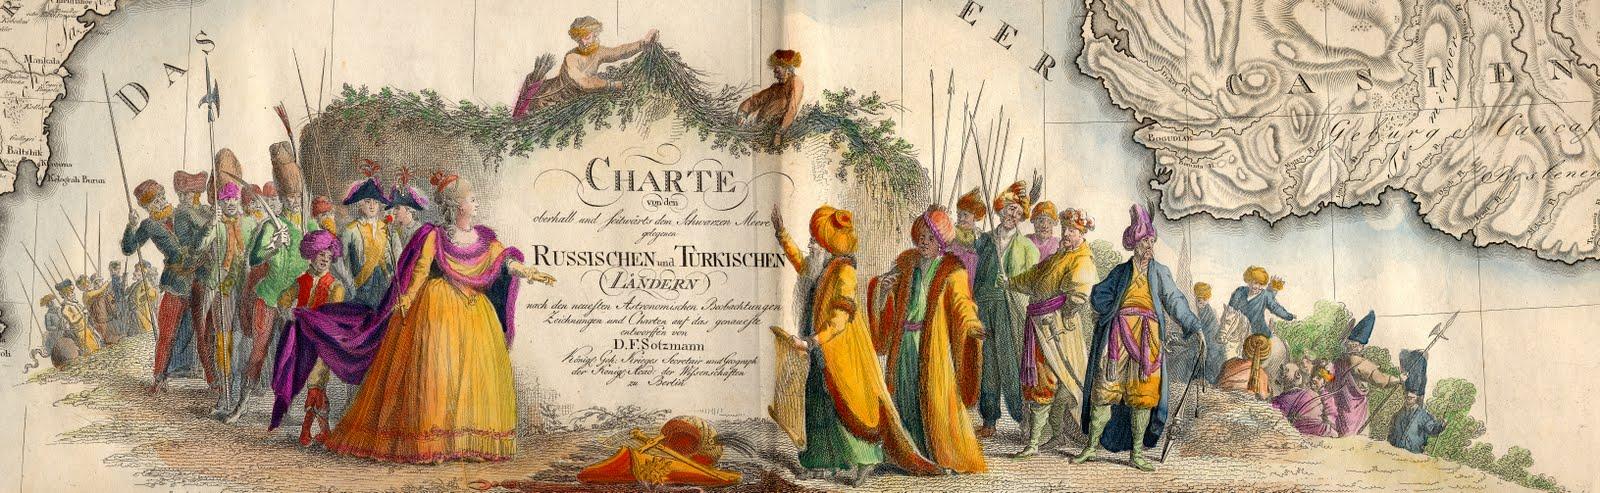 cartouche-18th-c-map-black-sea